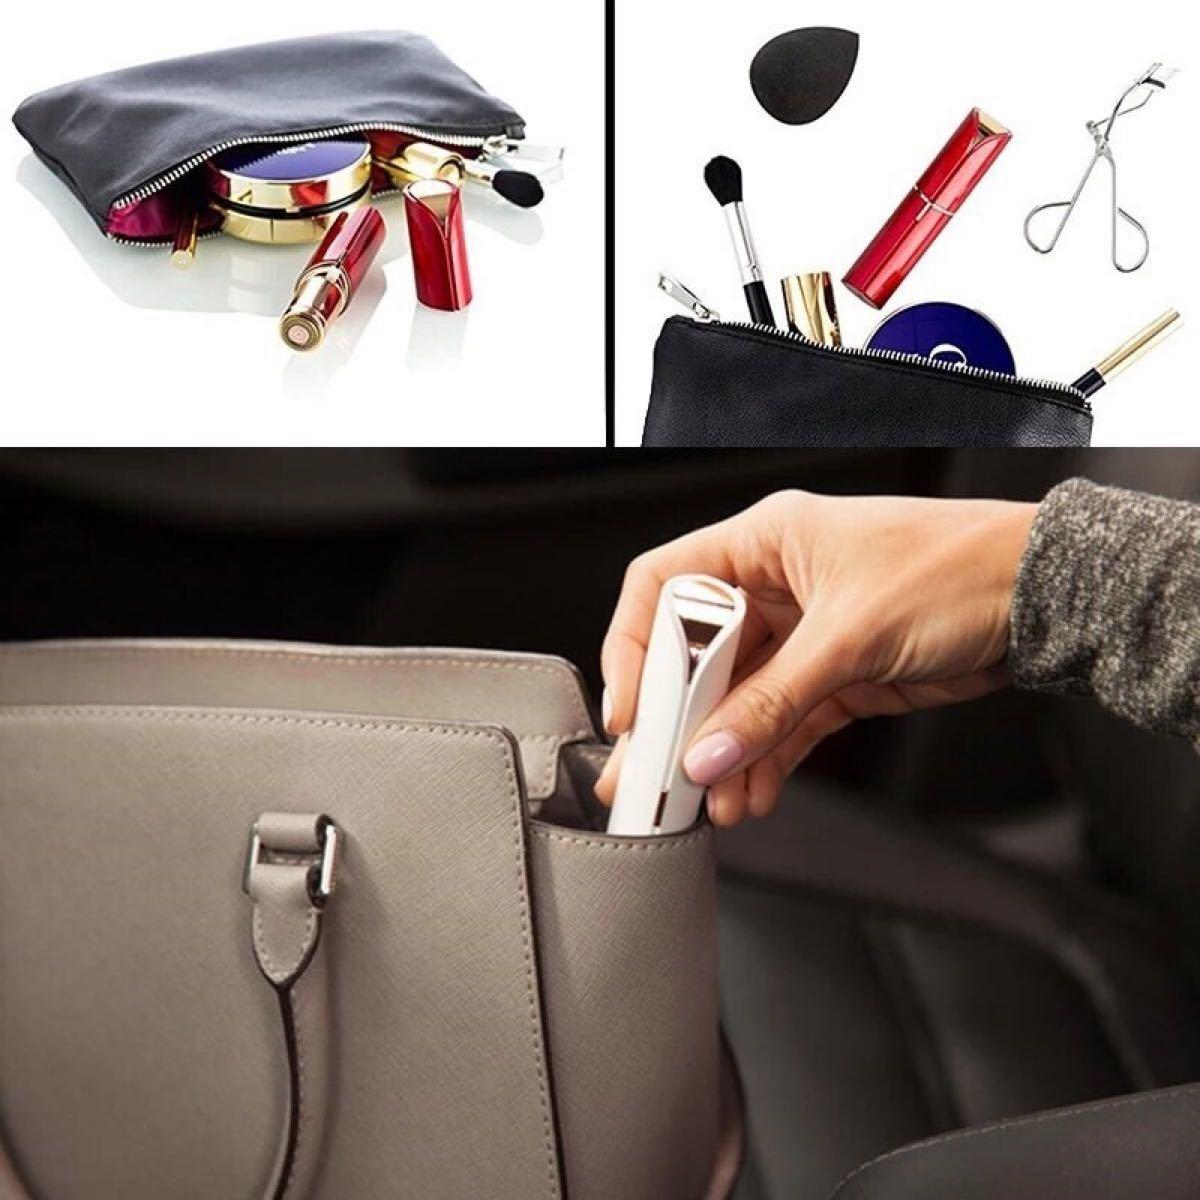 口紅型 レディース フェイス シェーバー USB充電式 電動 除毛 脱毛 産毛